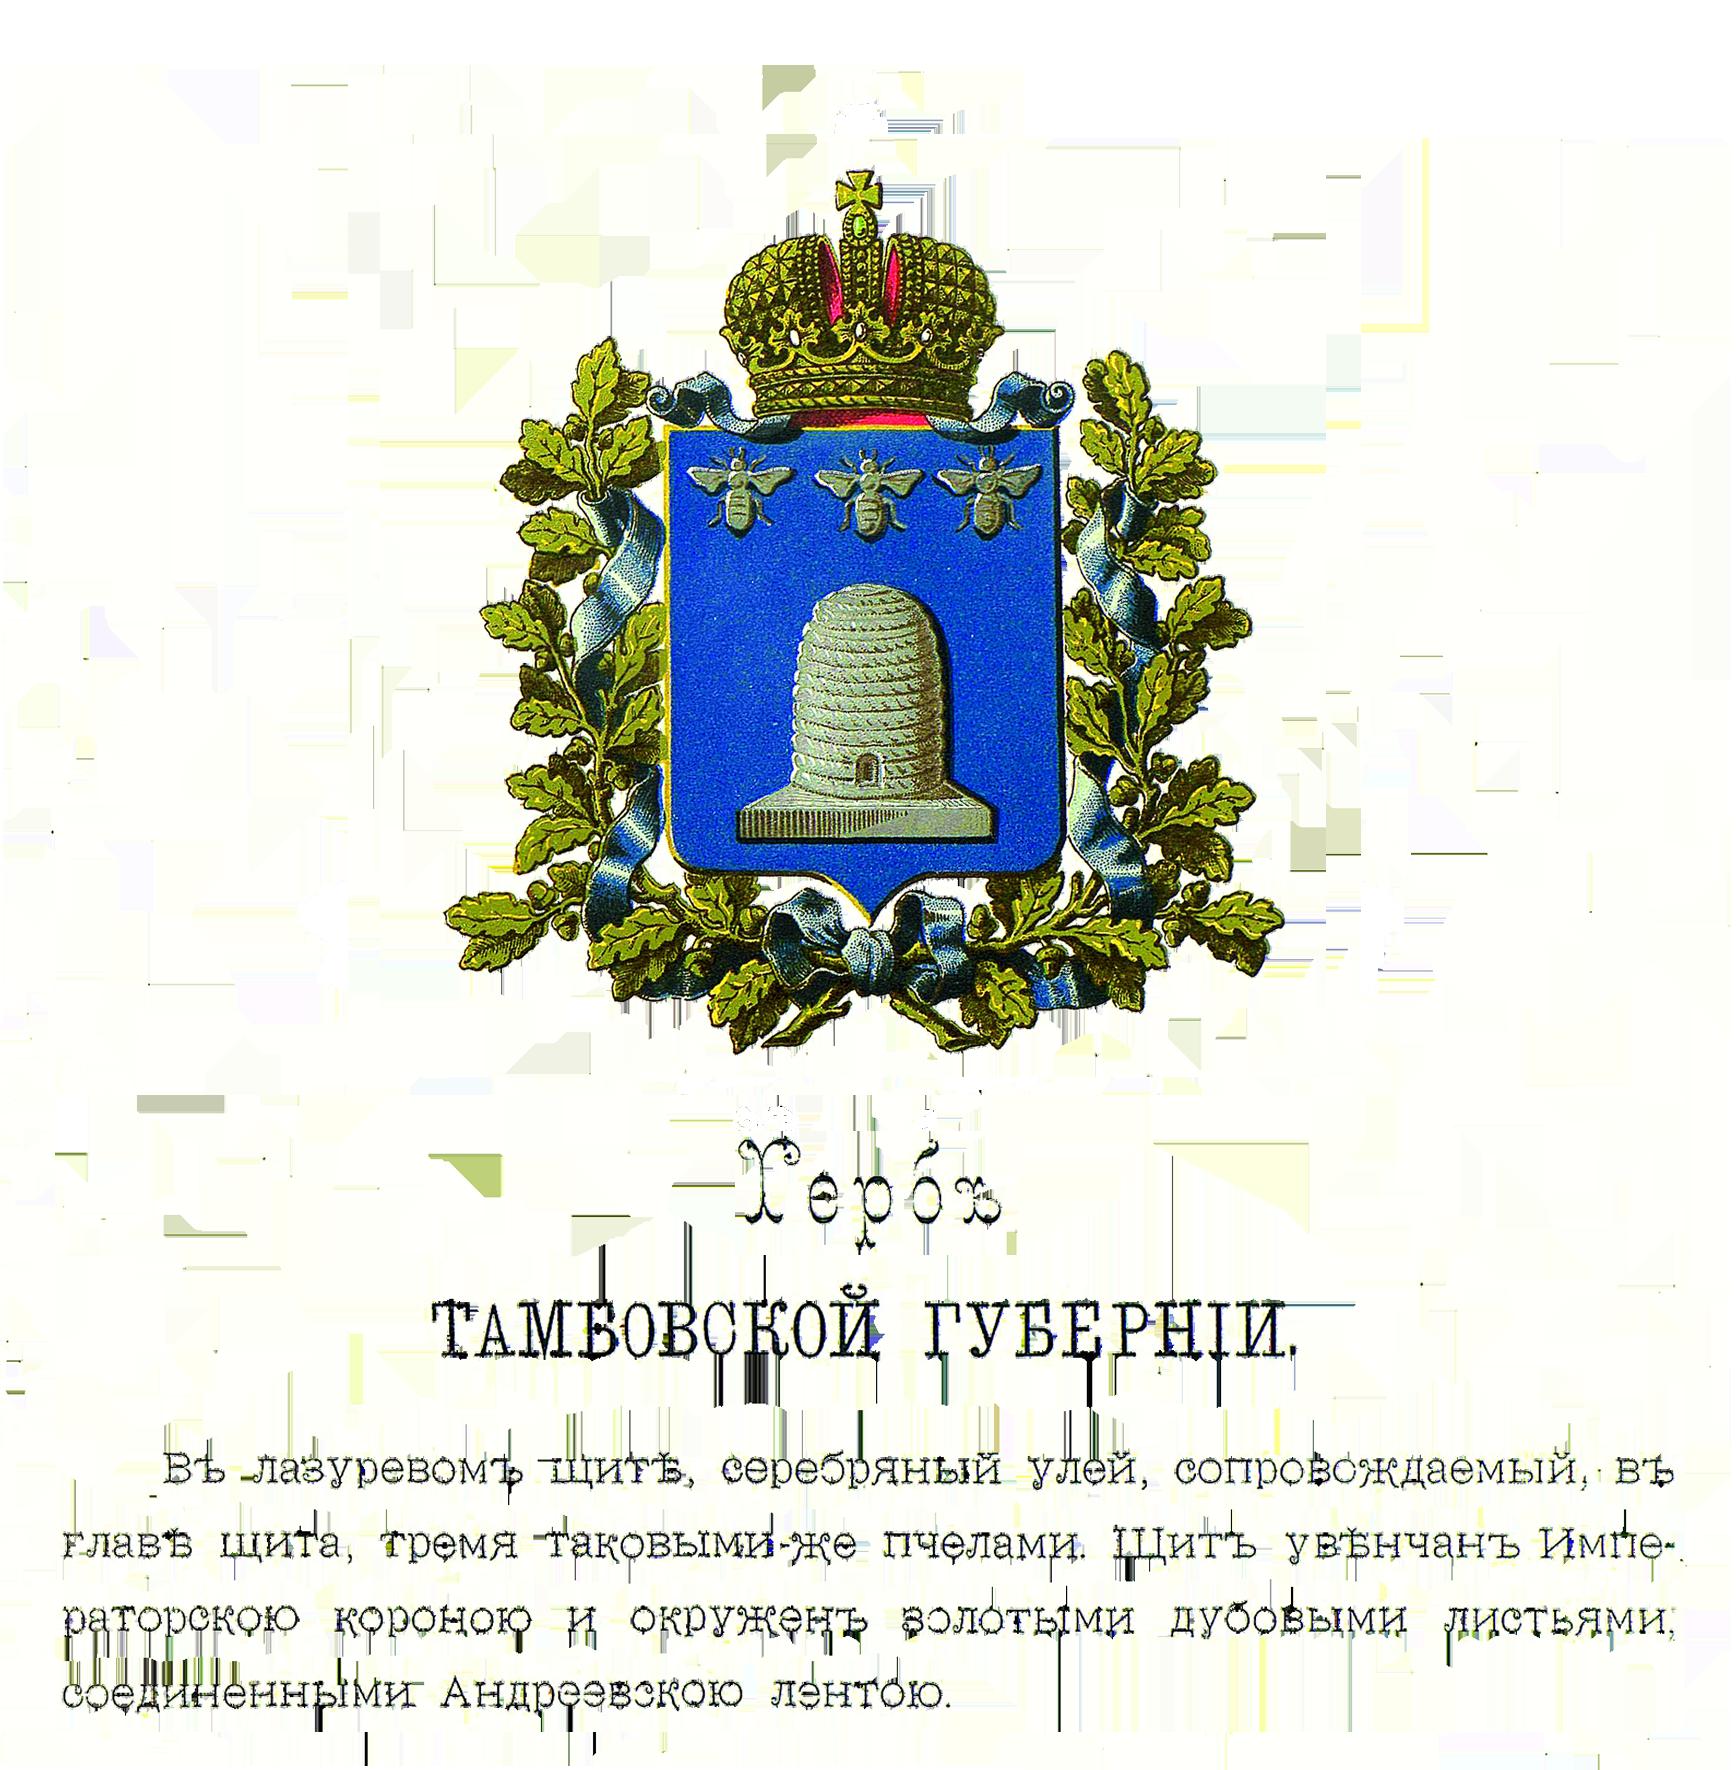 тамбовская губерния презентация